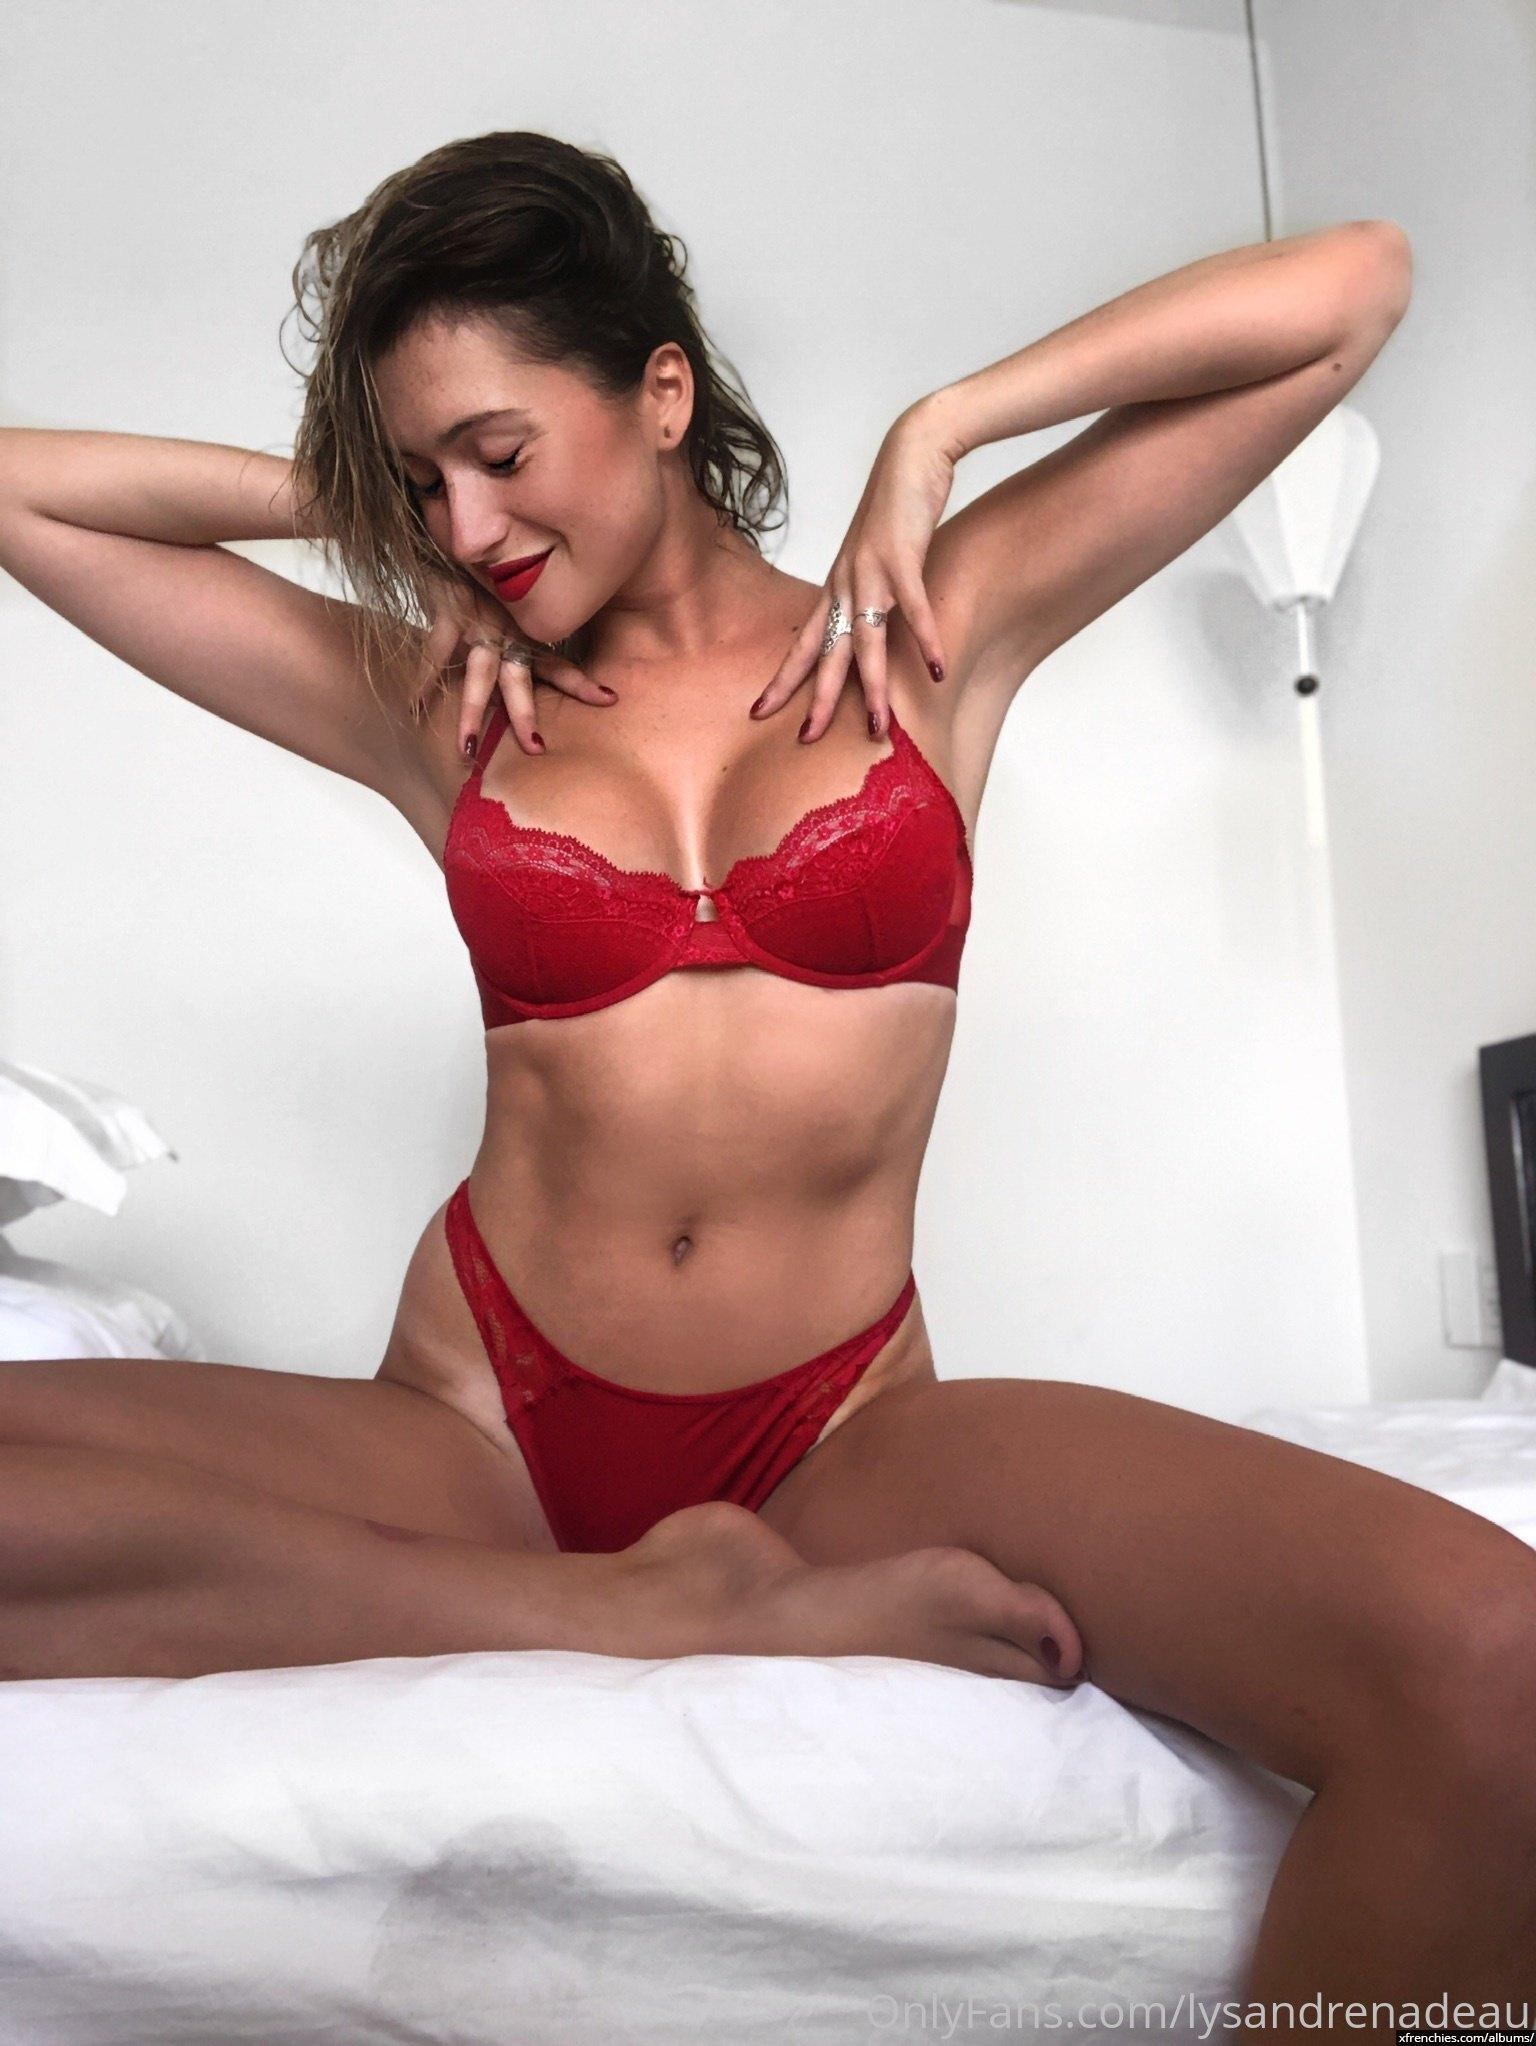 OnlyFans Lysandre Nadeau Leak Nude n°8